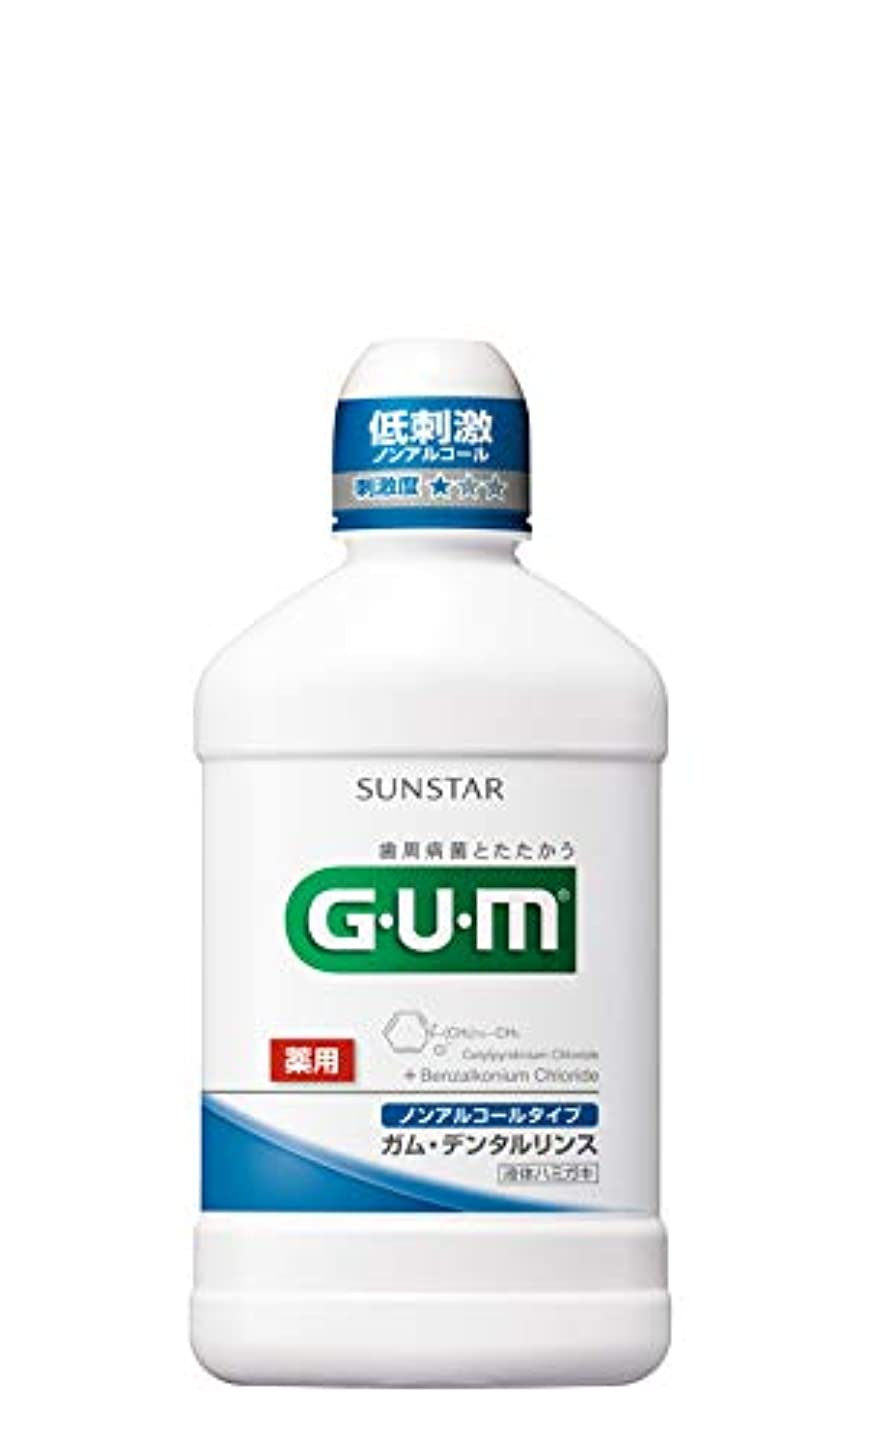 カートンむしろパブ[医薬部外品] GUM(ガム) デンタルリンス ノンアルコールタイプ 薬用液体ハミガキ 250ML <歯周病予防 口臭予防>